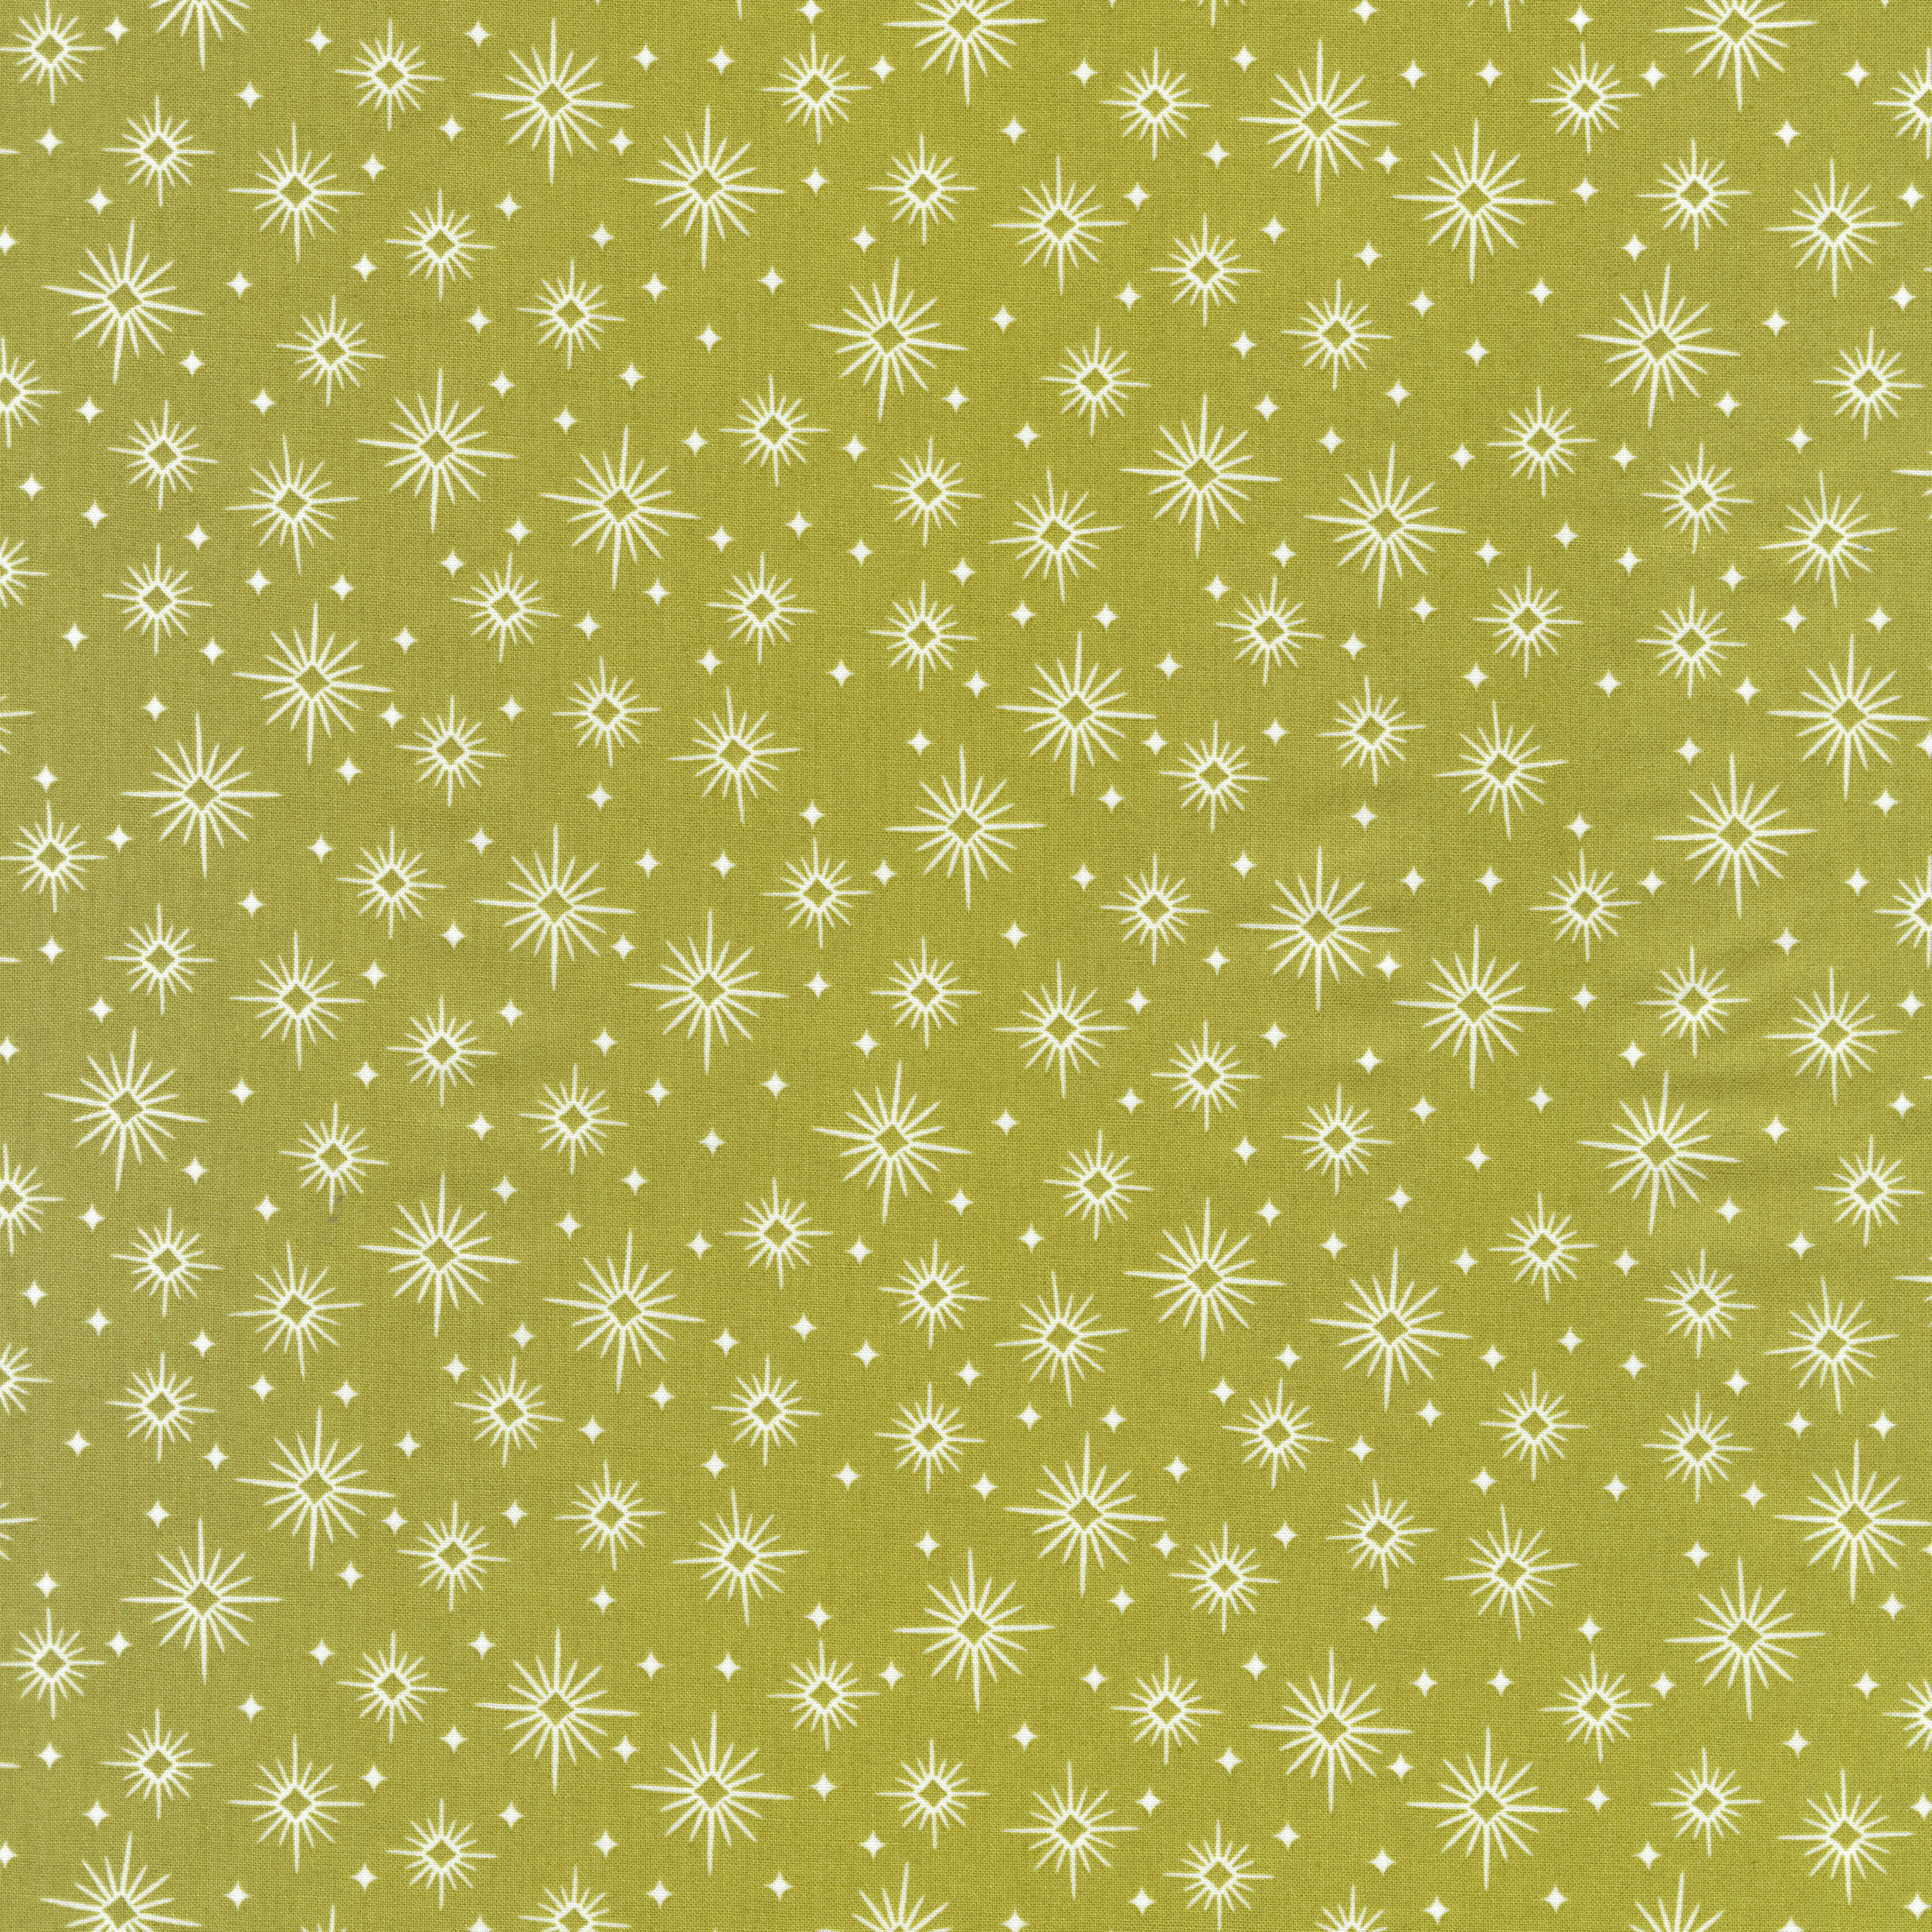 AVL-18156-49 Starlight OLIVE